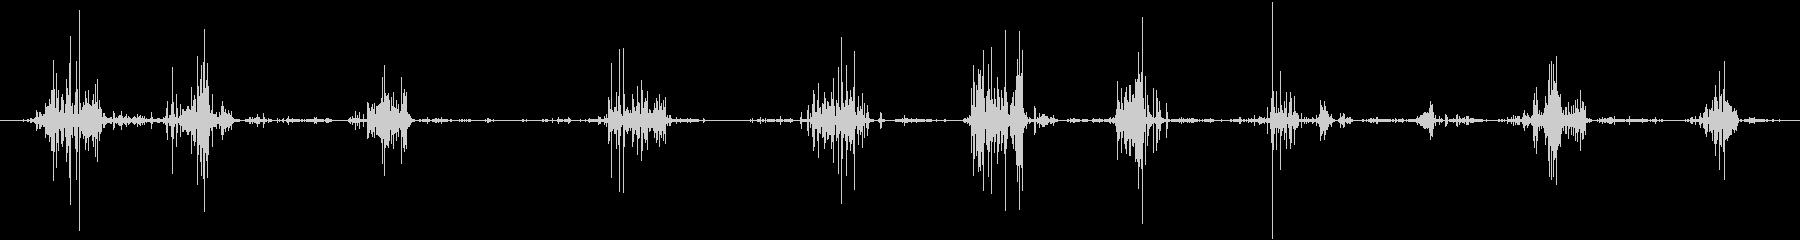 レタスの頭:ブレイクアパルト、コン...の未再生の波形